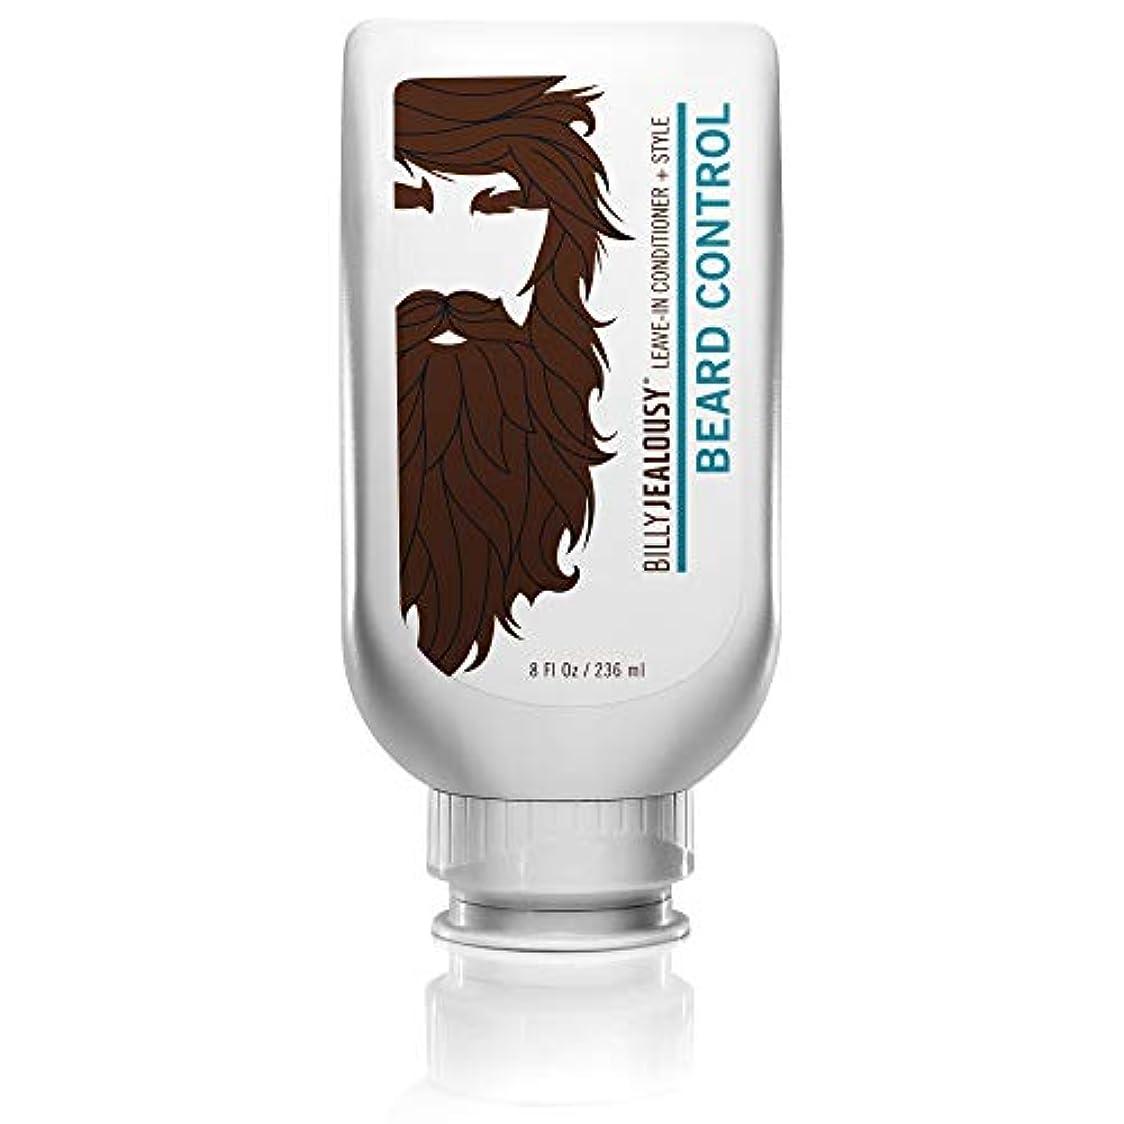 優しさ湿った仮装ビリージェラシー Beard Control 236ml/8oz並行輸入品